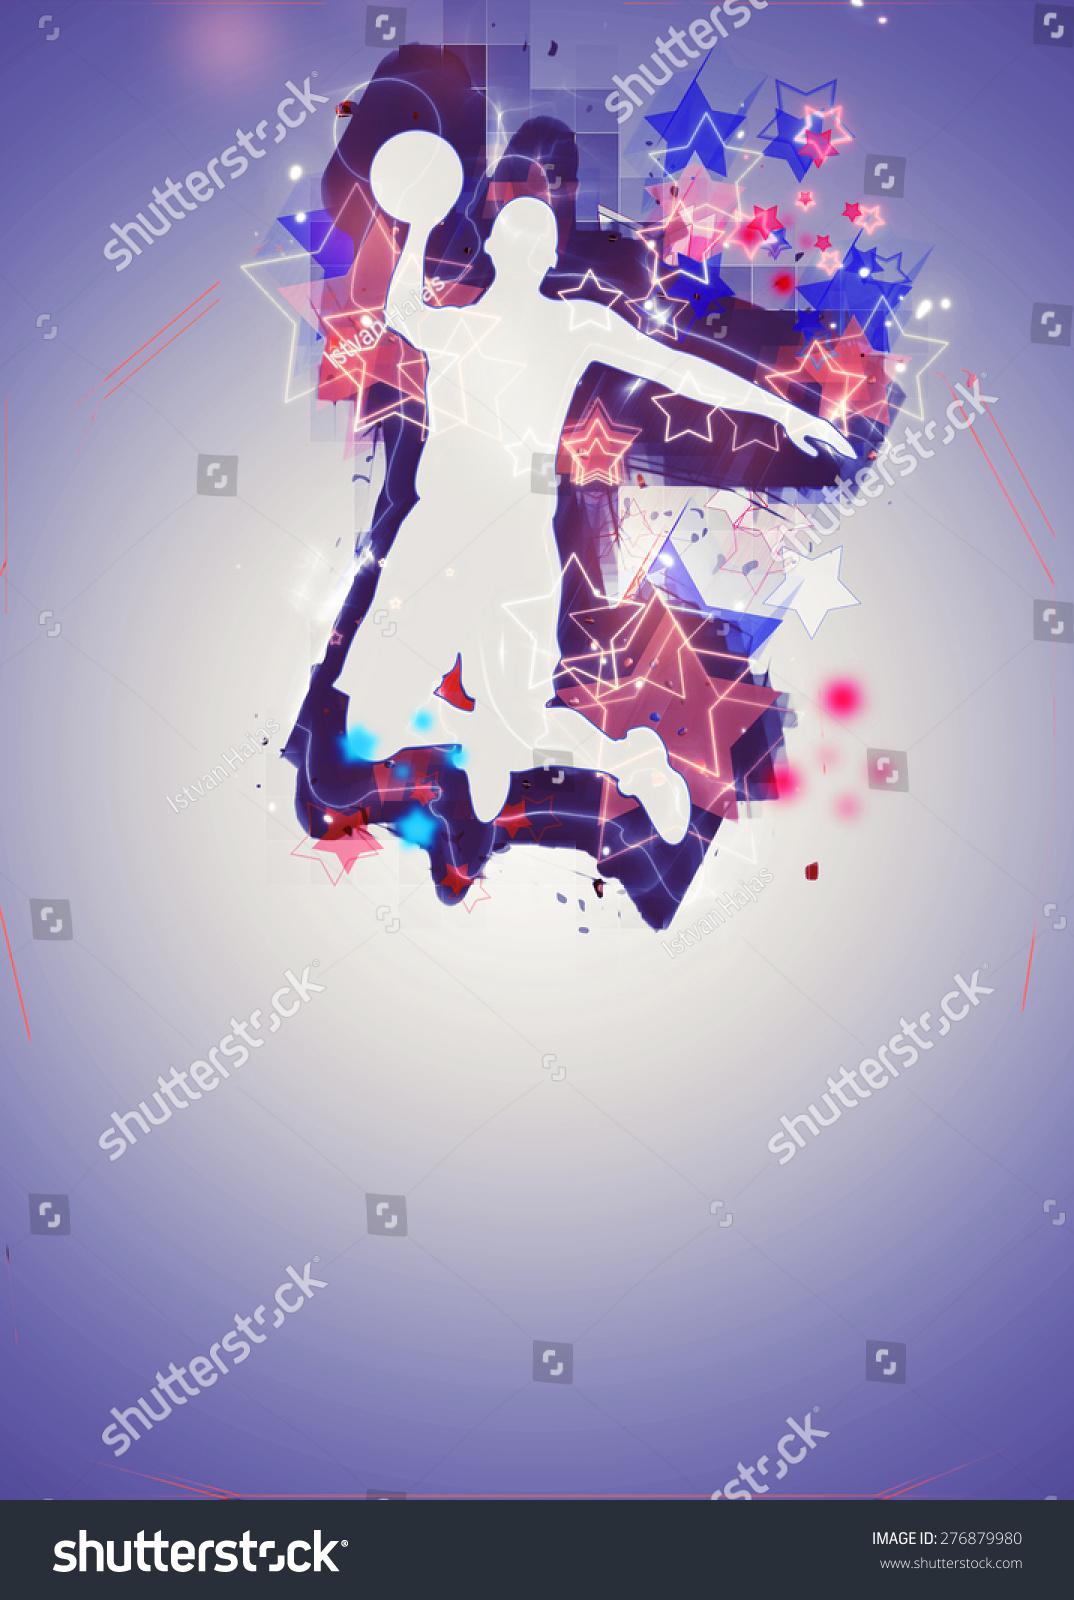 或街头篮球:篮球运动员跳跃或传单海报背景与空间